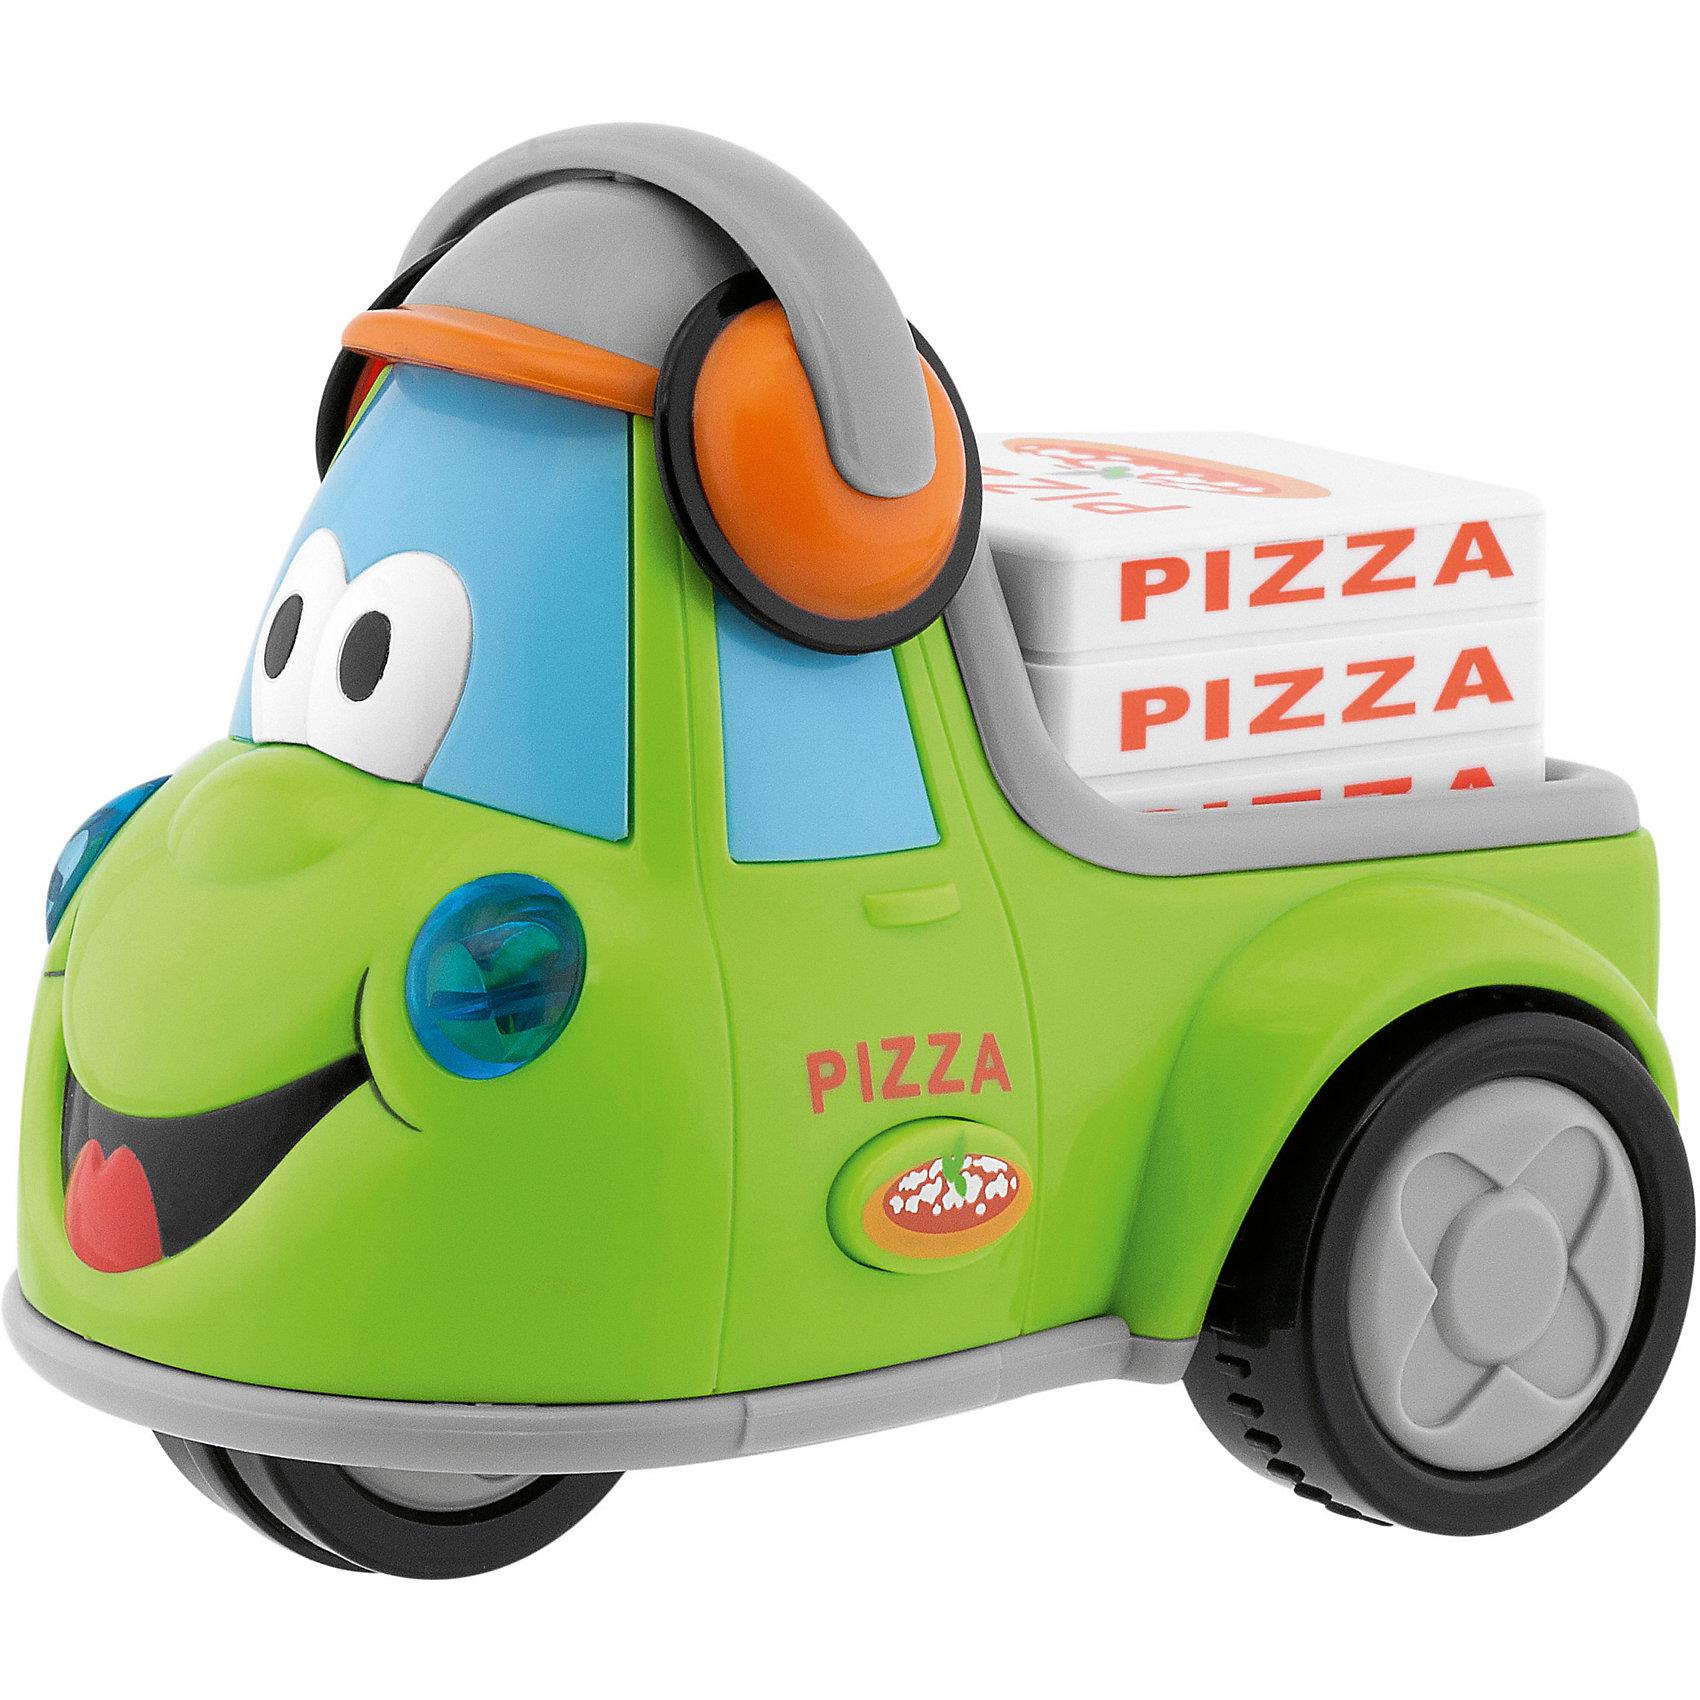 Музыкальная машинка Развозчик пиццы, ChiccoМузыкальная машинка Развозчик пиццы, Chicco (Чико) – это забавный автомобильчик с милой мордочкой и наушниками, который может ездить самостоятельно. Датчик движения активирует забавные звуковые эффекты (разгоняющейся и тормозящей машины, клаксон и др.). Если нажать на кнопку сбоку машинки, раздаются рев двигателя, веселые мелодии в стиле регги и голосовое сообщение о том, что пицца уже в пути!<br><br>Дополнительная информация:<br>-Материал: пластик<br>-Питание: 2хААА1,5V<br>-Размеры: 19х15х13 см<br><br>Порадуйте своего малыша замечательным подарком, и он часами будет играть с машинкой, придумывая различные истории!<br><br>Музыкальная машинка Развозчик пиццы, Chicco (Чико) можно купить в нашем магазине.<br><br>Ширина мм: 192<br>Глубина мм: 135<br>Высота мм: 152<br>Вес г: 466<br>Возраст от месяцев: 12<br>Возраст до месяцев: 36<br>Пол: Мужской<br>Возраст: Детский<br>SKU: 4123474